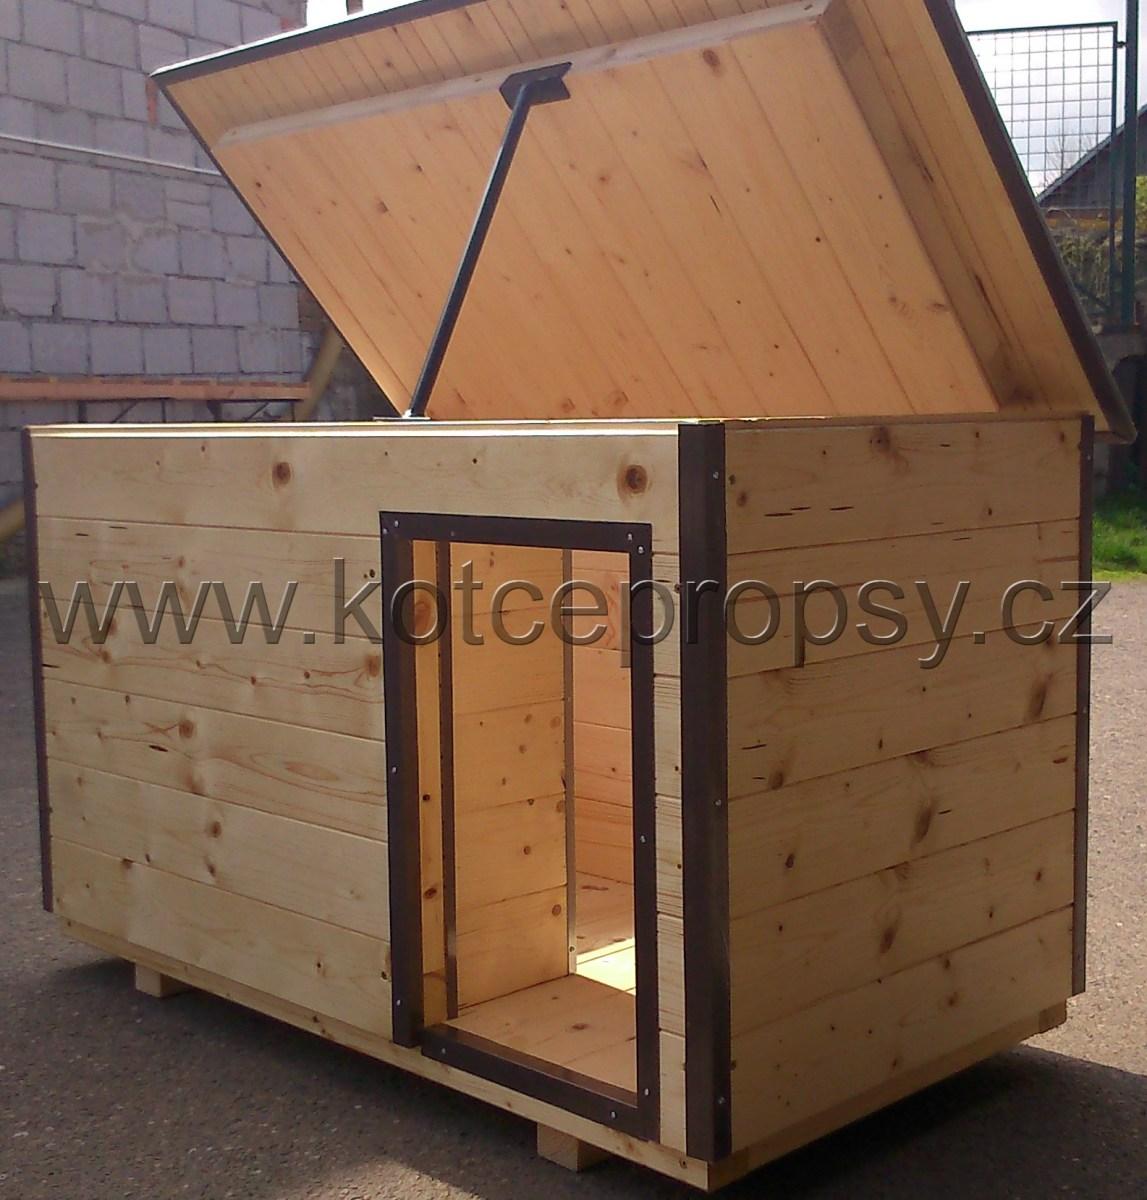 Oplechování boudy pro psa lakovaným plechem